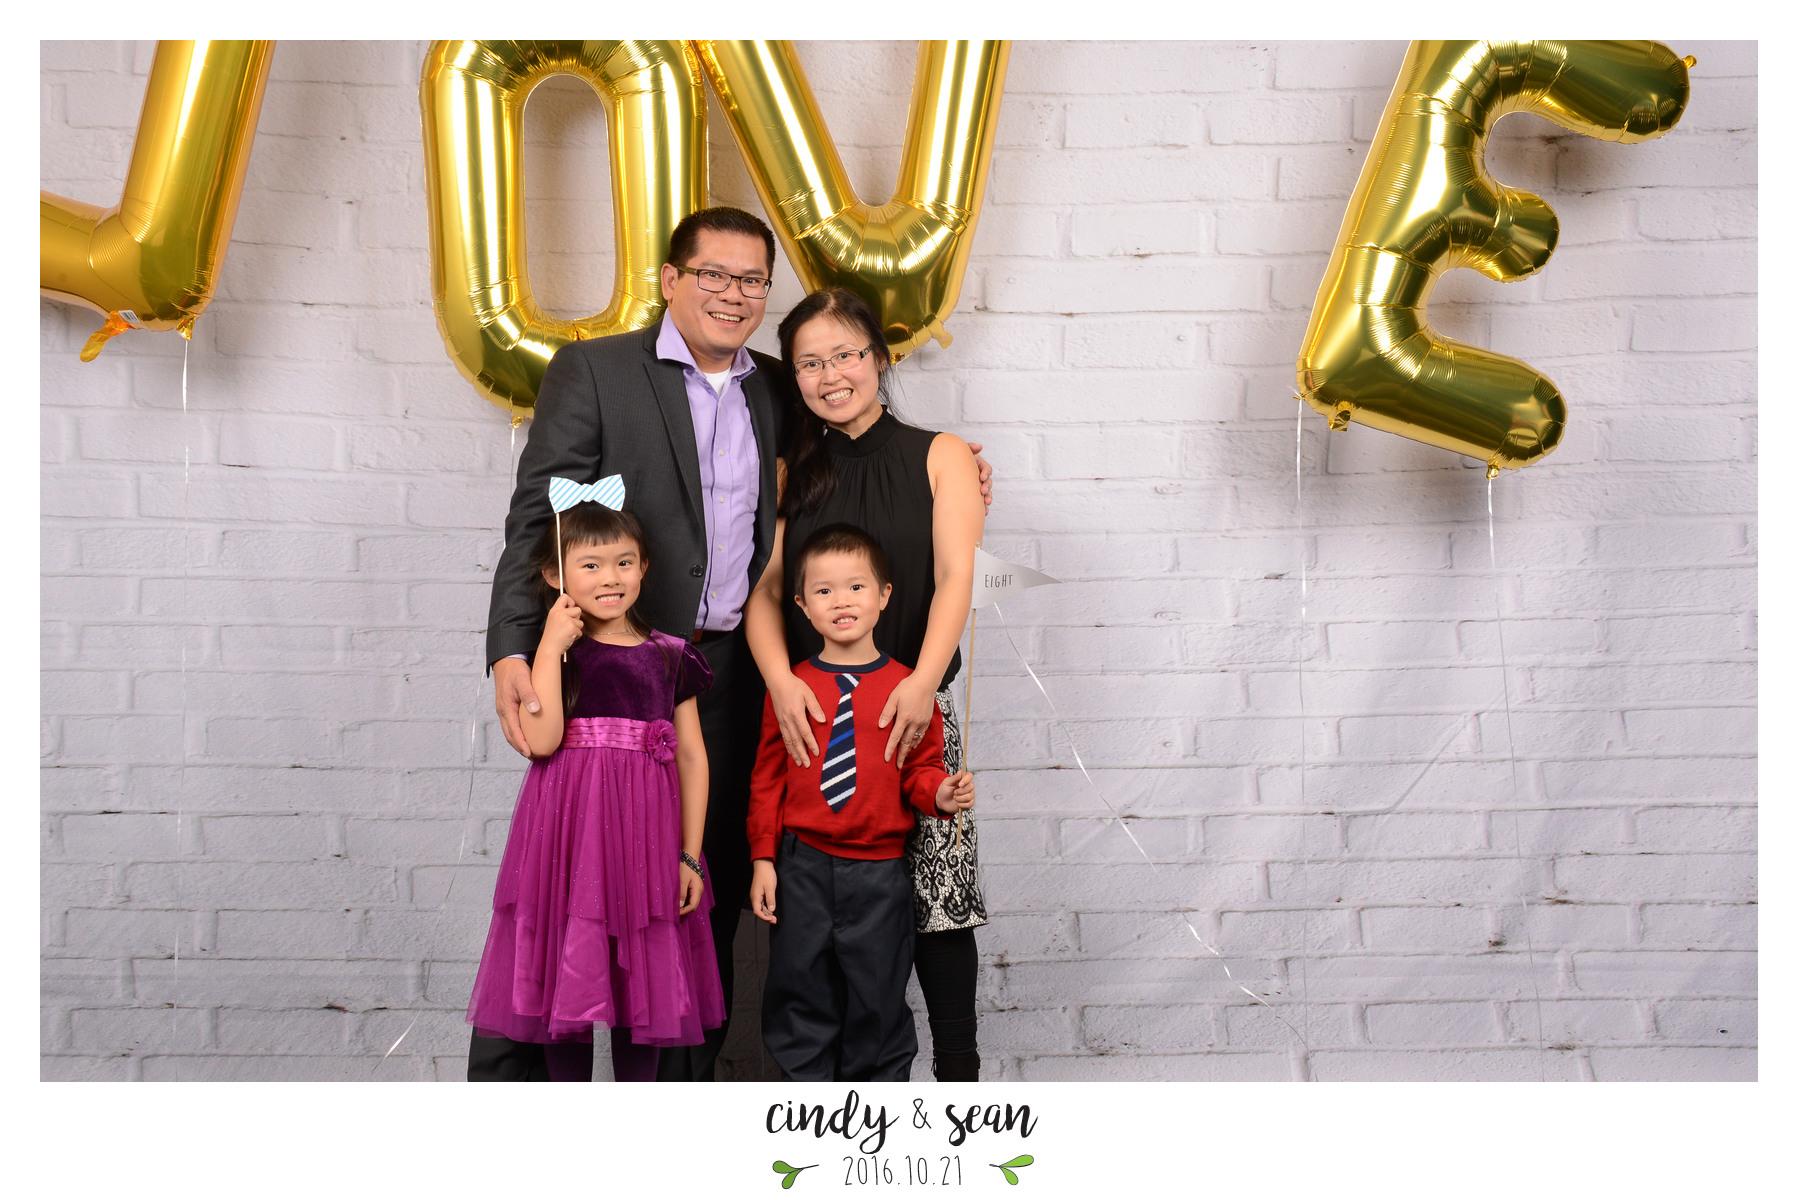 Cindy Sean Bae - 0001-124.jpg